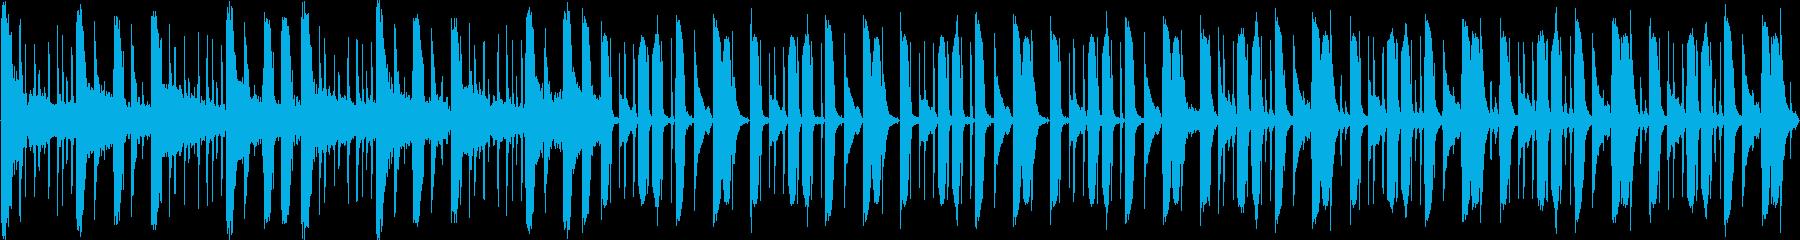 細かいリズムのドラムンベースの再生済みの波形